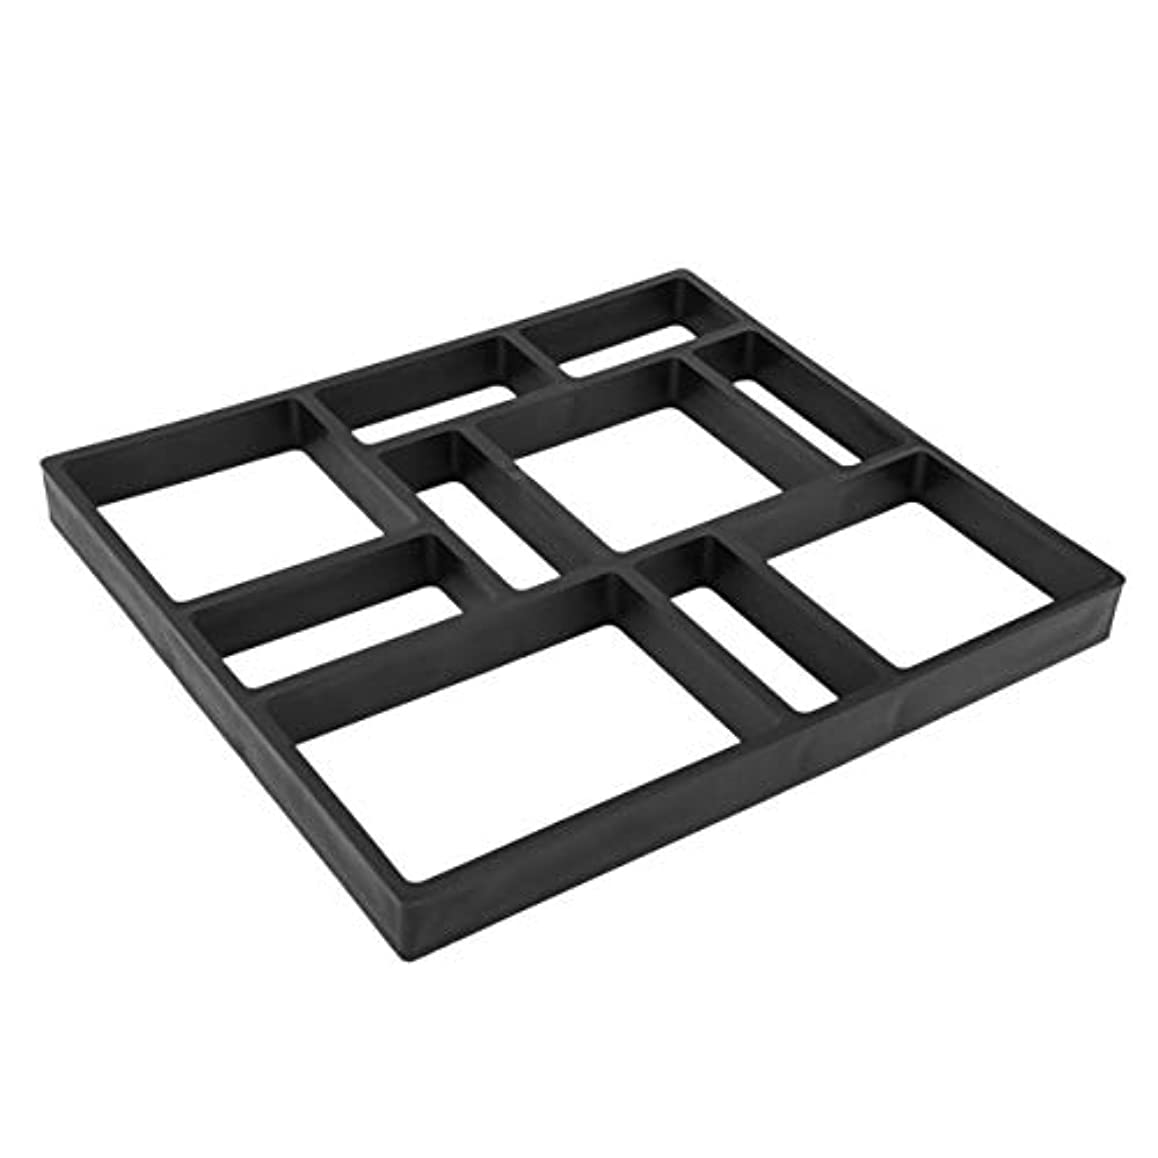 オーチャードデータ拮抗するSaikogoods DIY不規則な/矩形パターンパーソナライズされた舗装のコンクリートレンガ石屋外装飾庭パスのメーカー芝生 黒